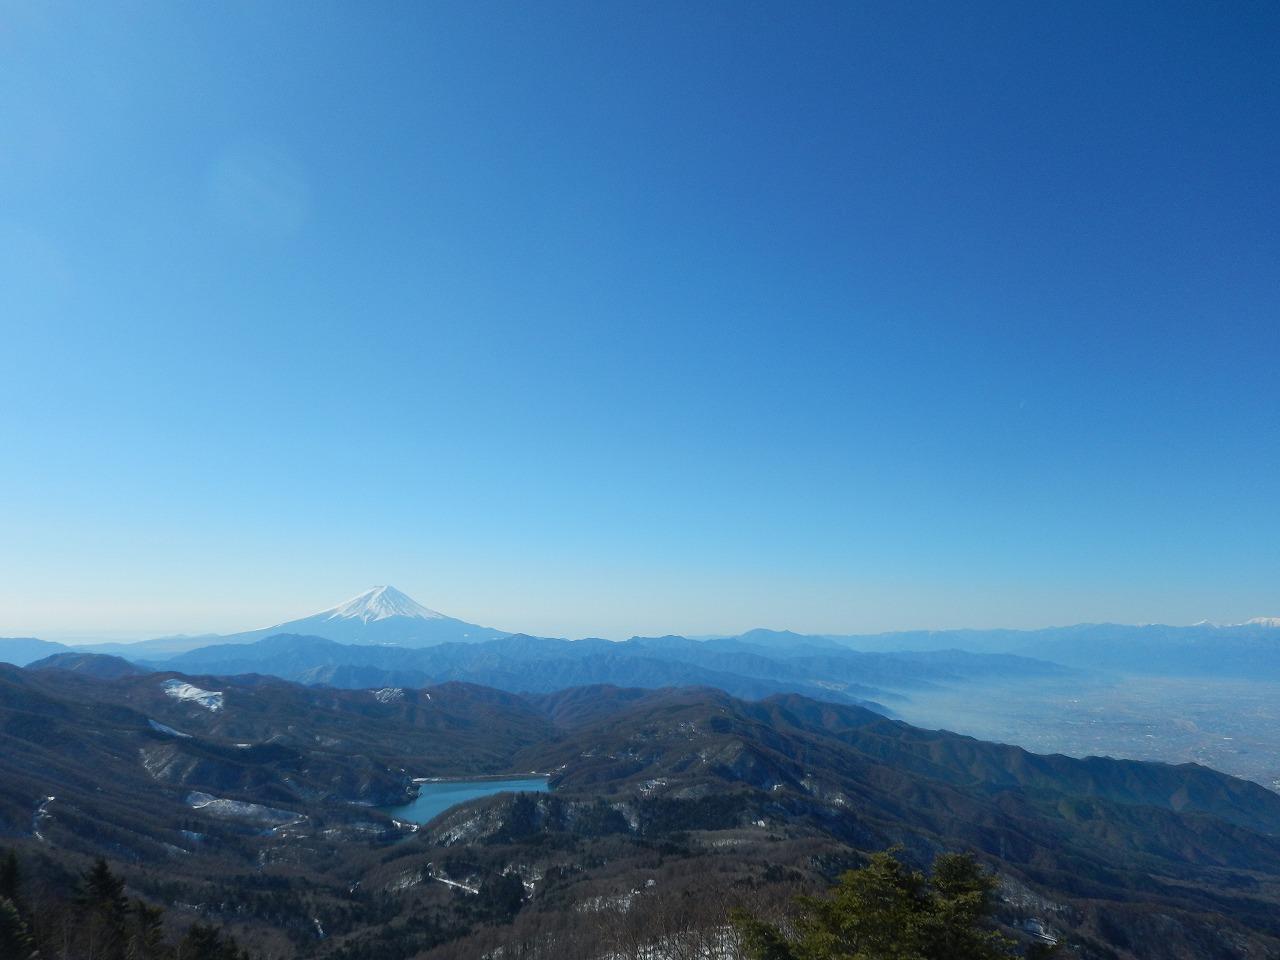 THE富士山再び